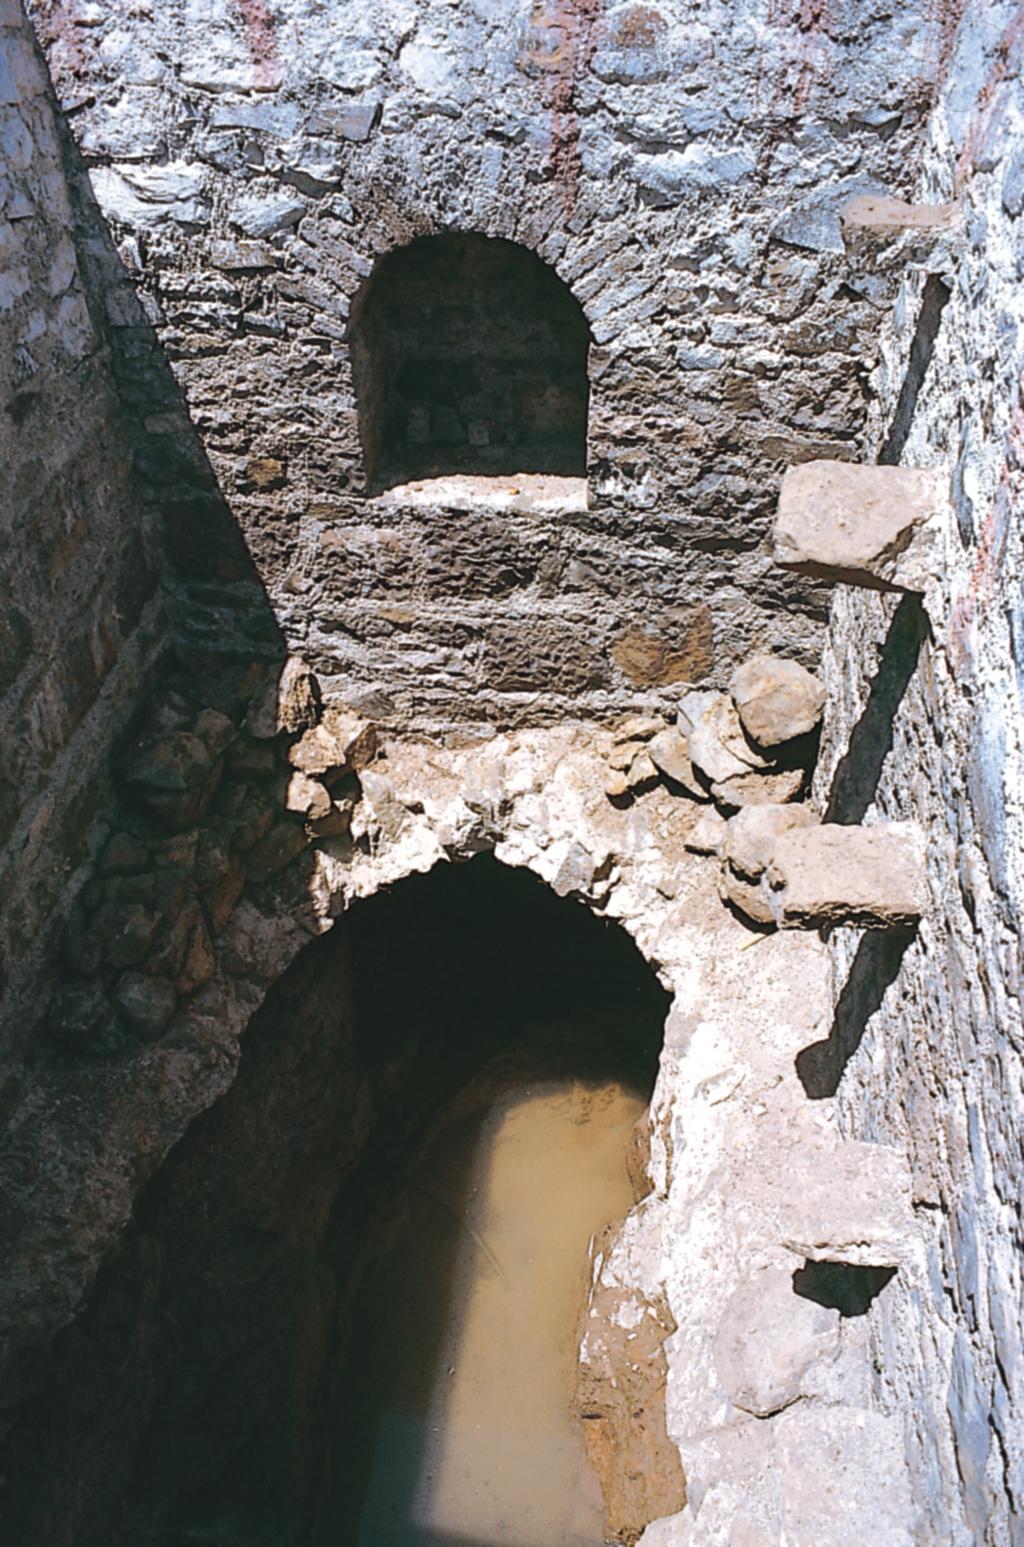 तोरवी के नीचे से एक भूमिगत जल मार्ग गुजरता था, जो 1.6 किमी. लंबा था और अफजलपुर जलाशय तक पहुंचकर खत्म होता था (फोटो: सुशीला नैयर / सीएसई)